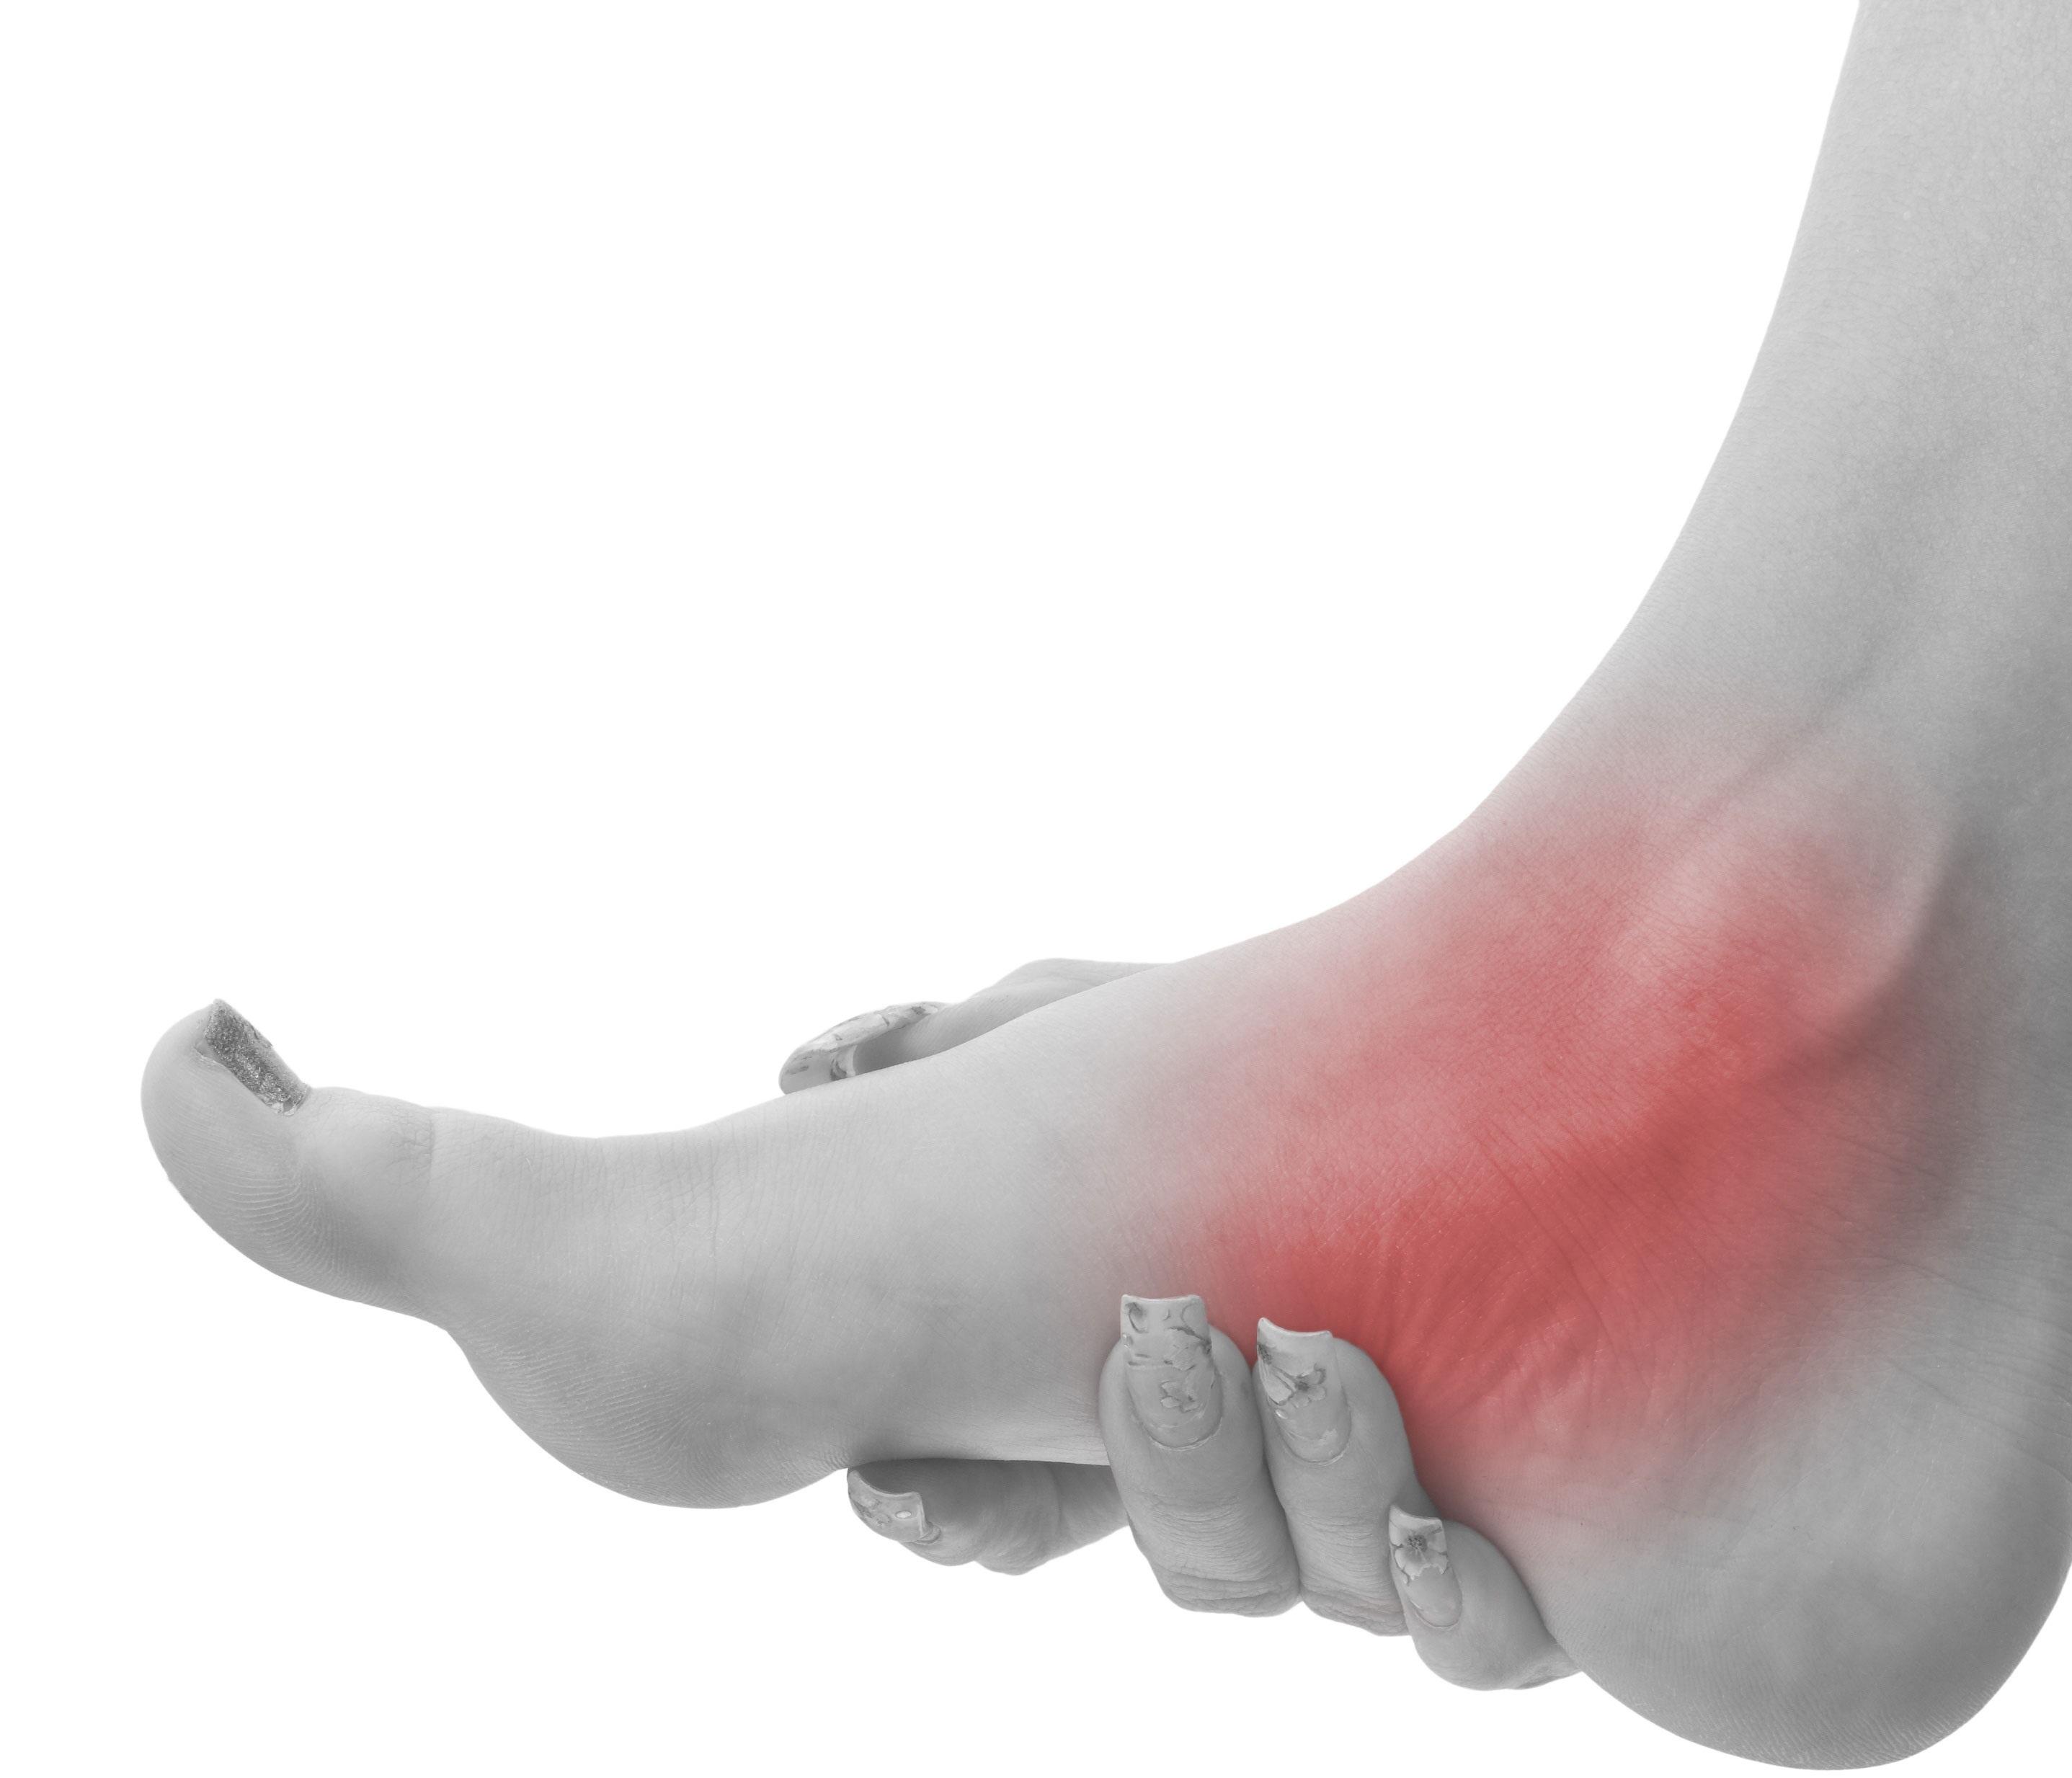 артроз колена симптомы и лечение